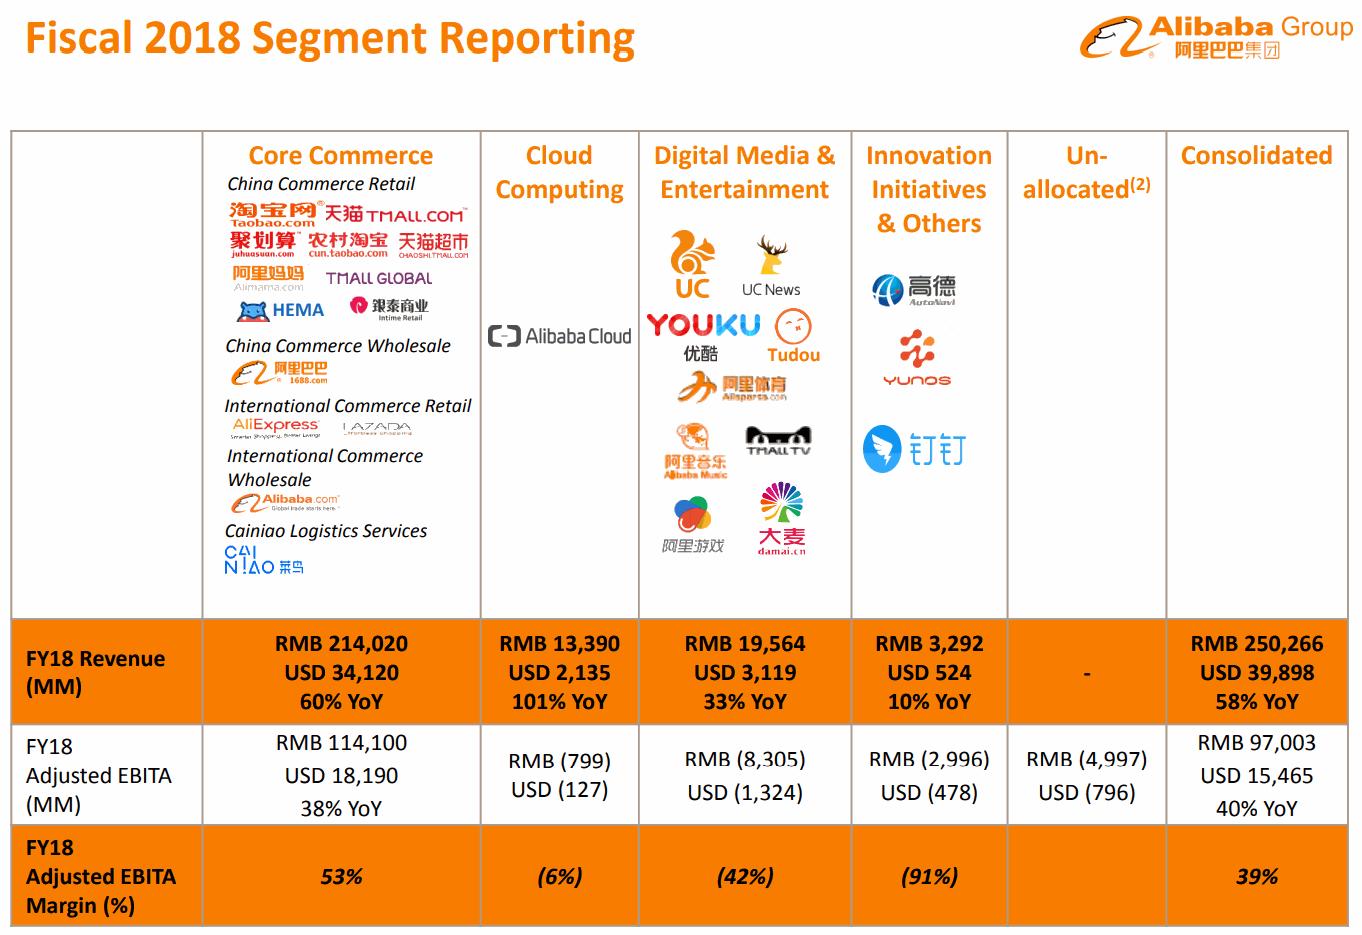 2018Q1-Fiscal-Segment-Reporting-Alibaba